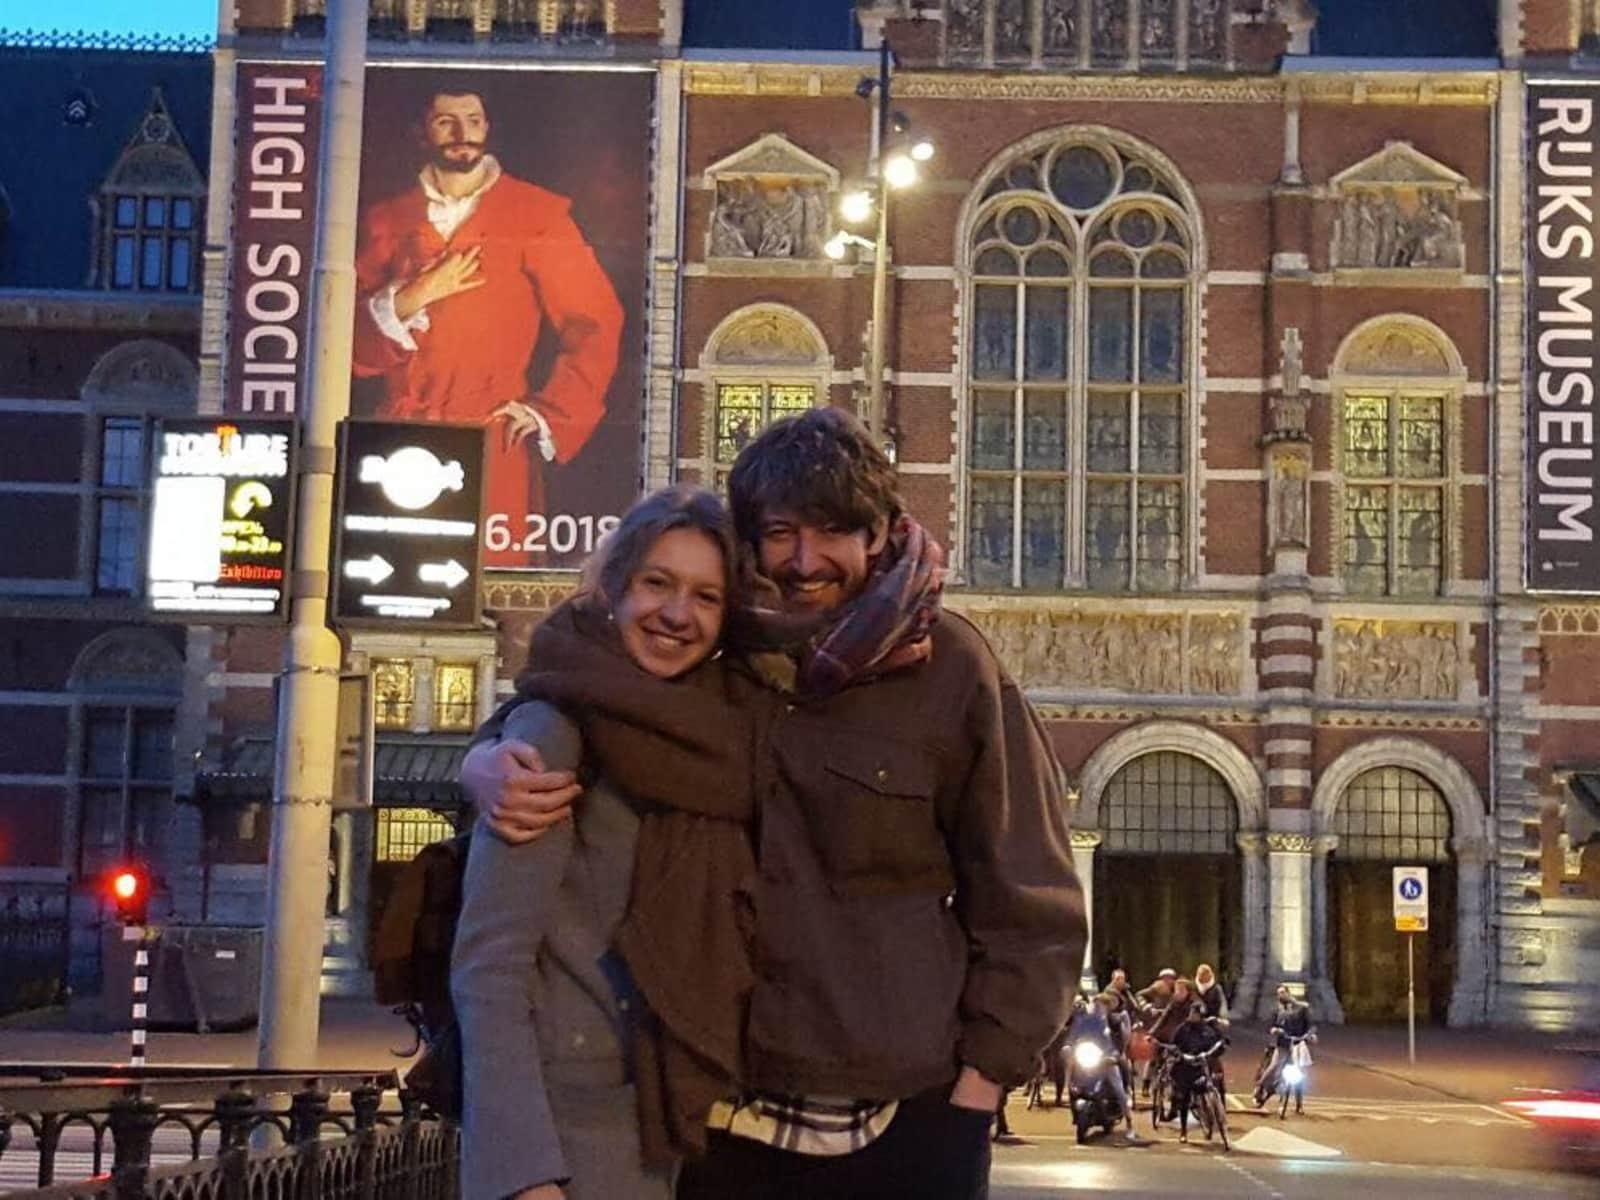 Ashley & Adrianna from London, United Kingdom